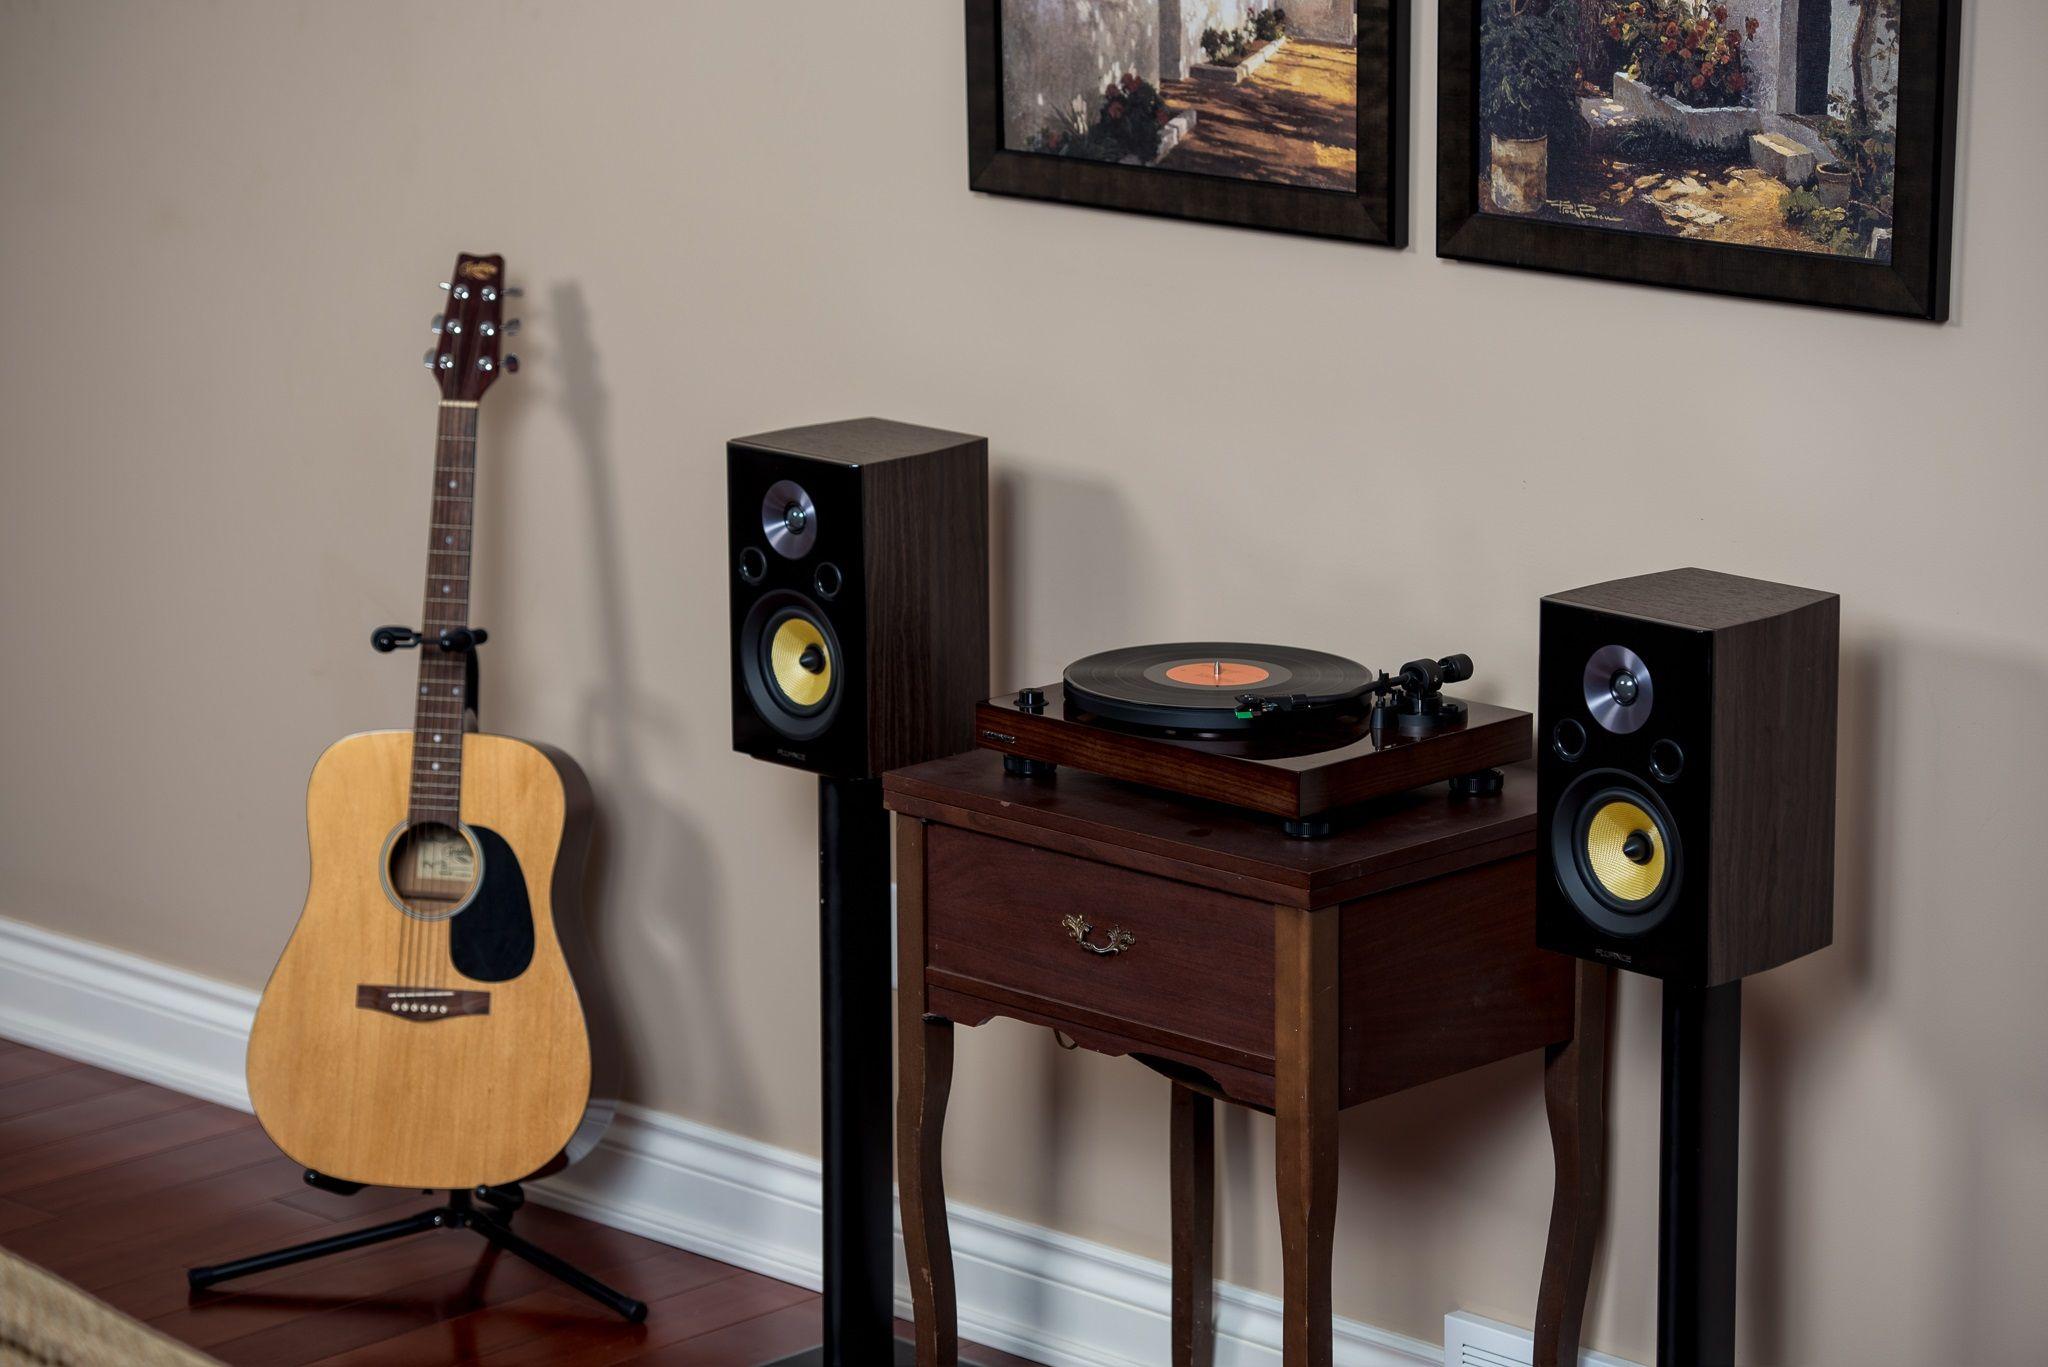 Rt81 Elite High Fidelity Vinyl Turntable Record Player With Premium Cartridge Diamond Needle Turn Table Vinyl Turntable Record Player Vinyl